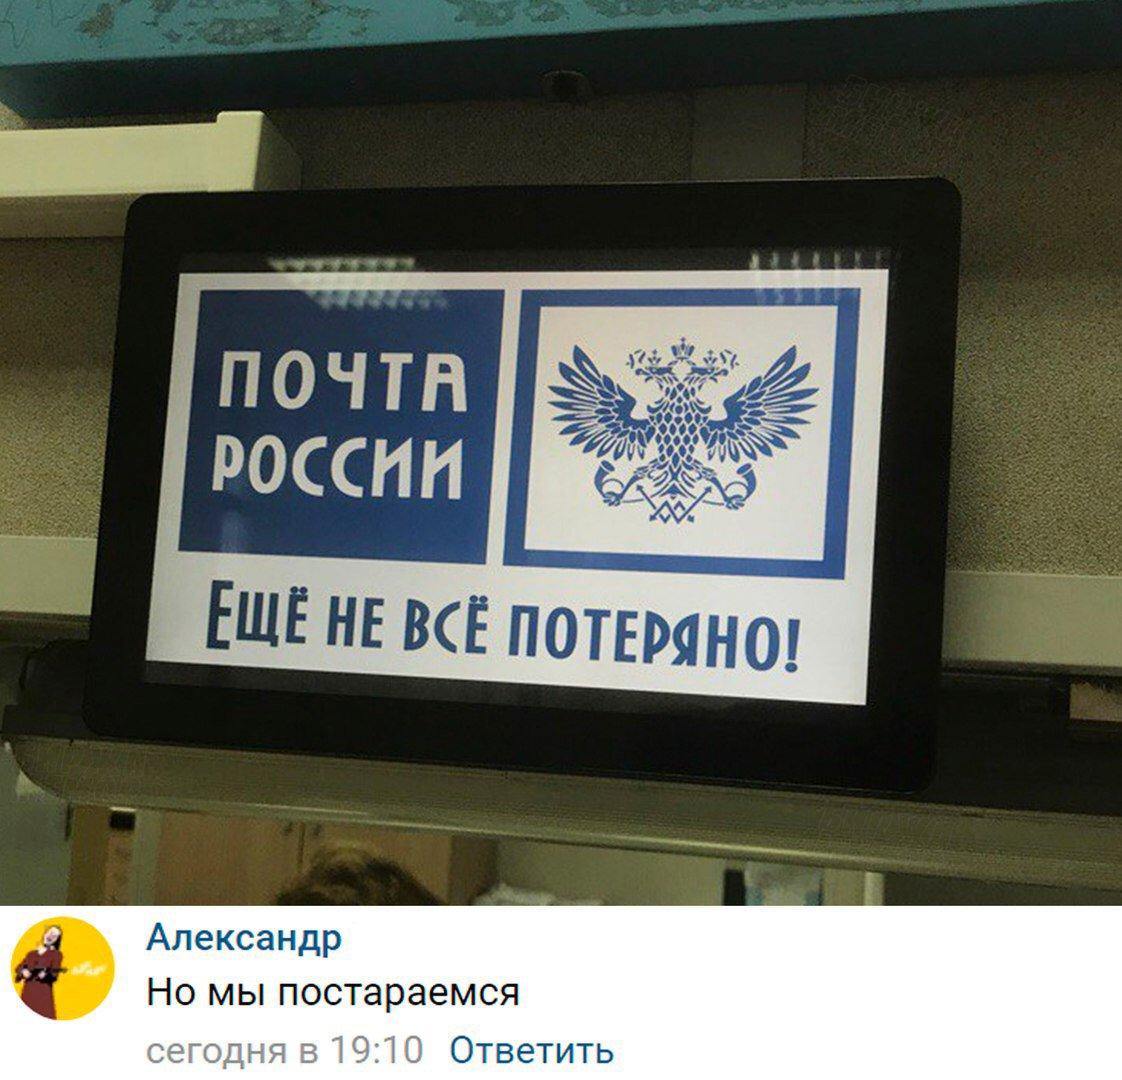 Картинки, смешные картинки почты россии